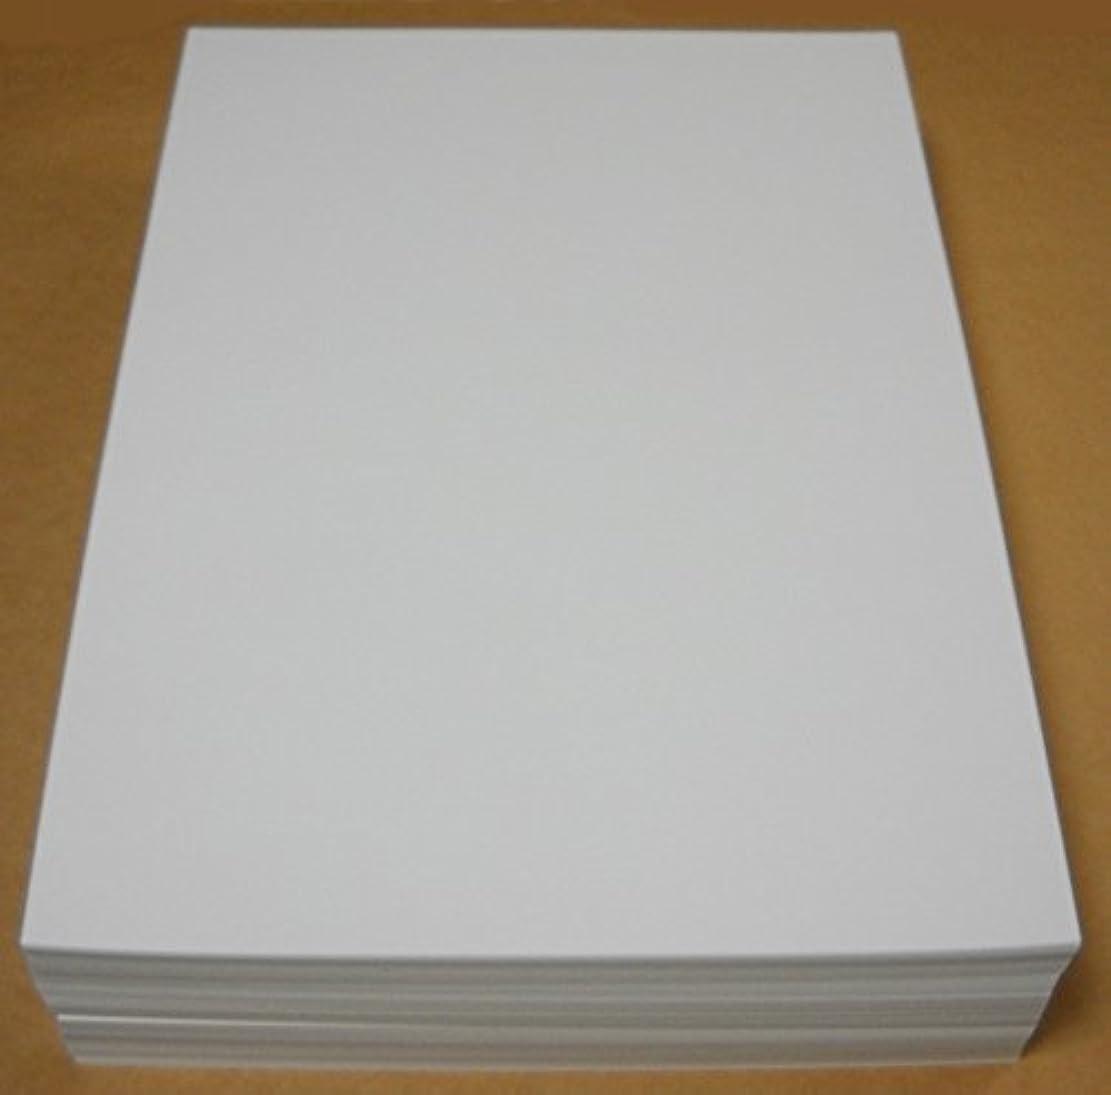 レジデンス閃光チートA4名刺用紙(インクジェット&レーザー用) 500枚入り ホワイト 名刺カッター用ケント紙 ASPA-001